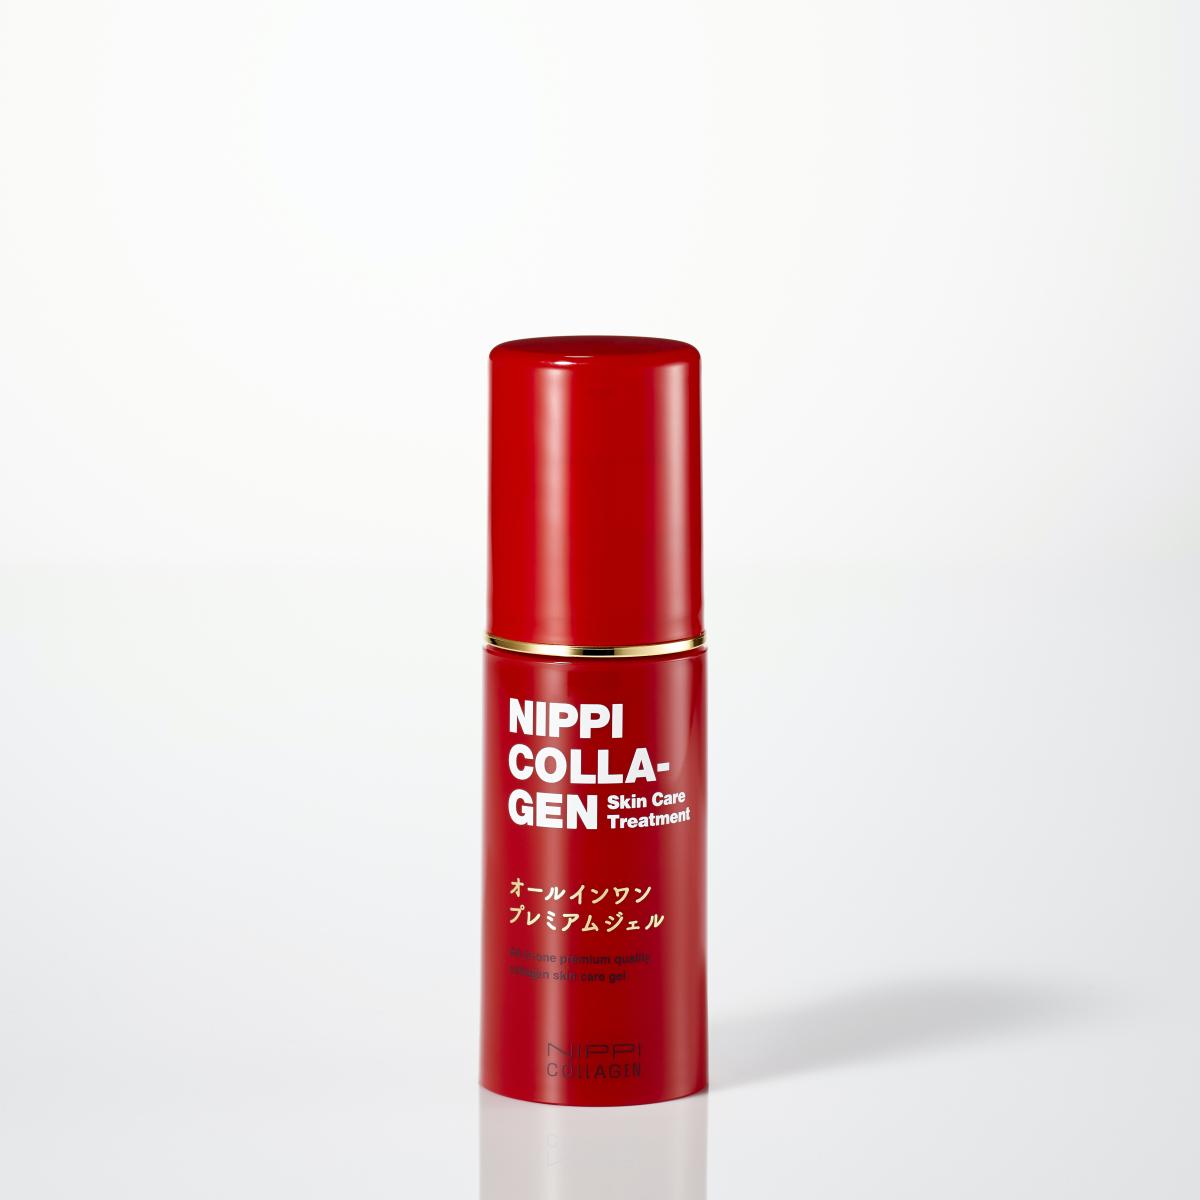 ニッピコラーゲン化粧品 ニッピコラーゲン化粧品 オールインワン プレミアムジェル〈ジェルクリーム〉